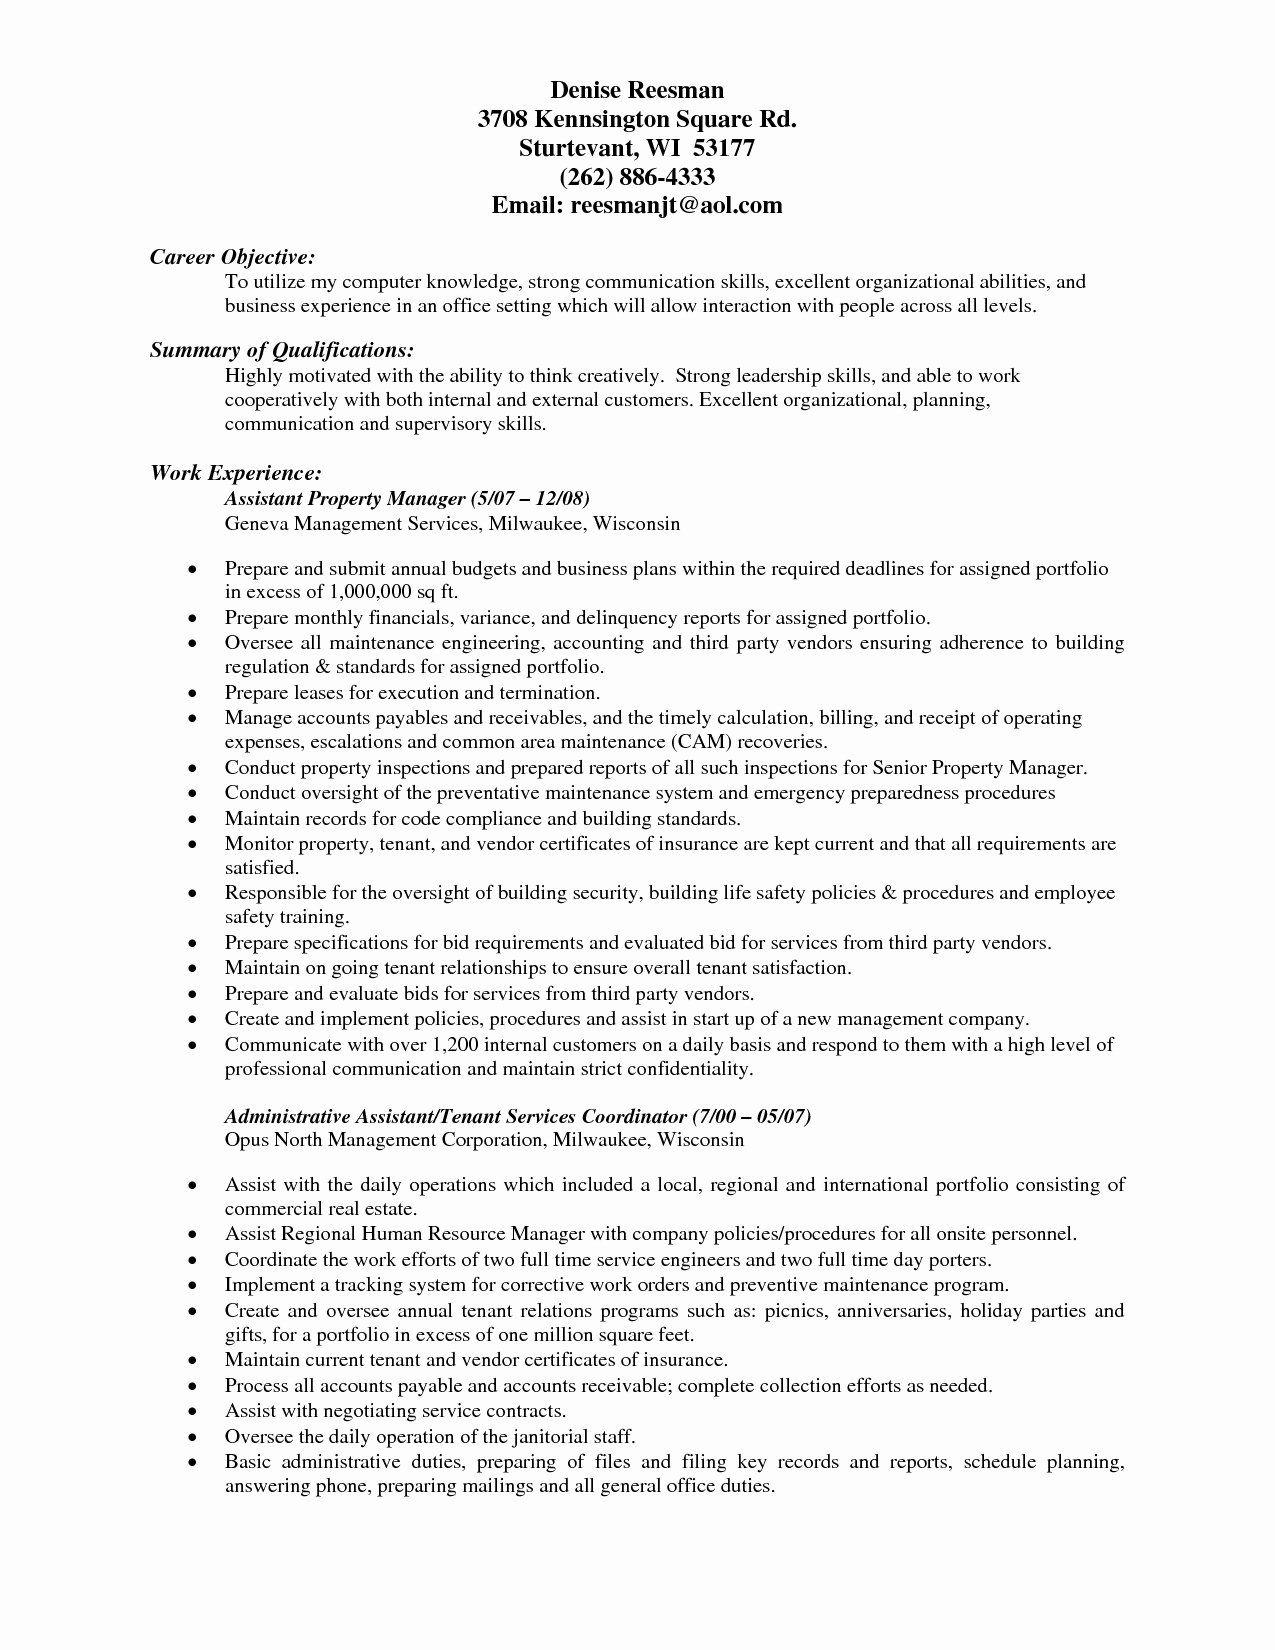 Assistant Property Manager Resume Elegant Property Manager Resume Objective